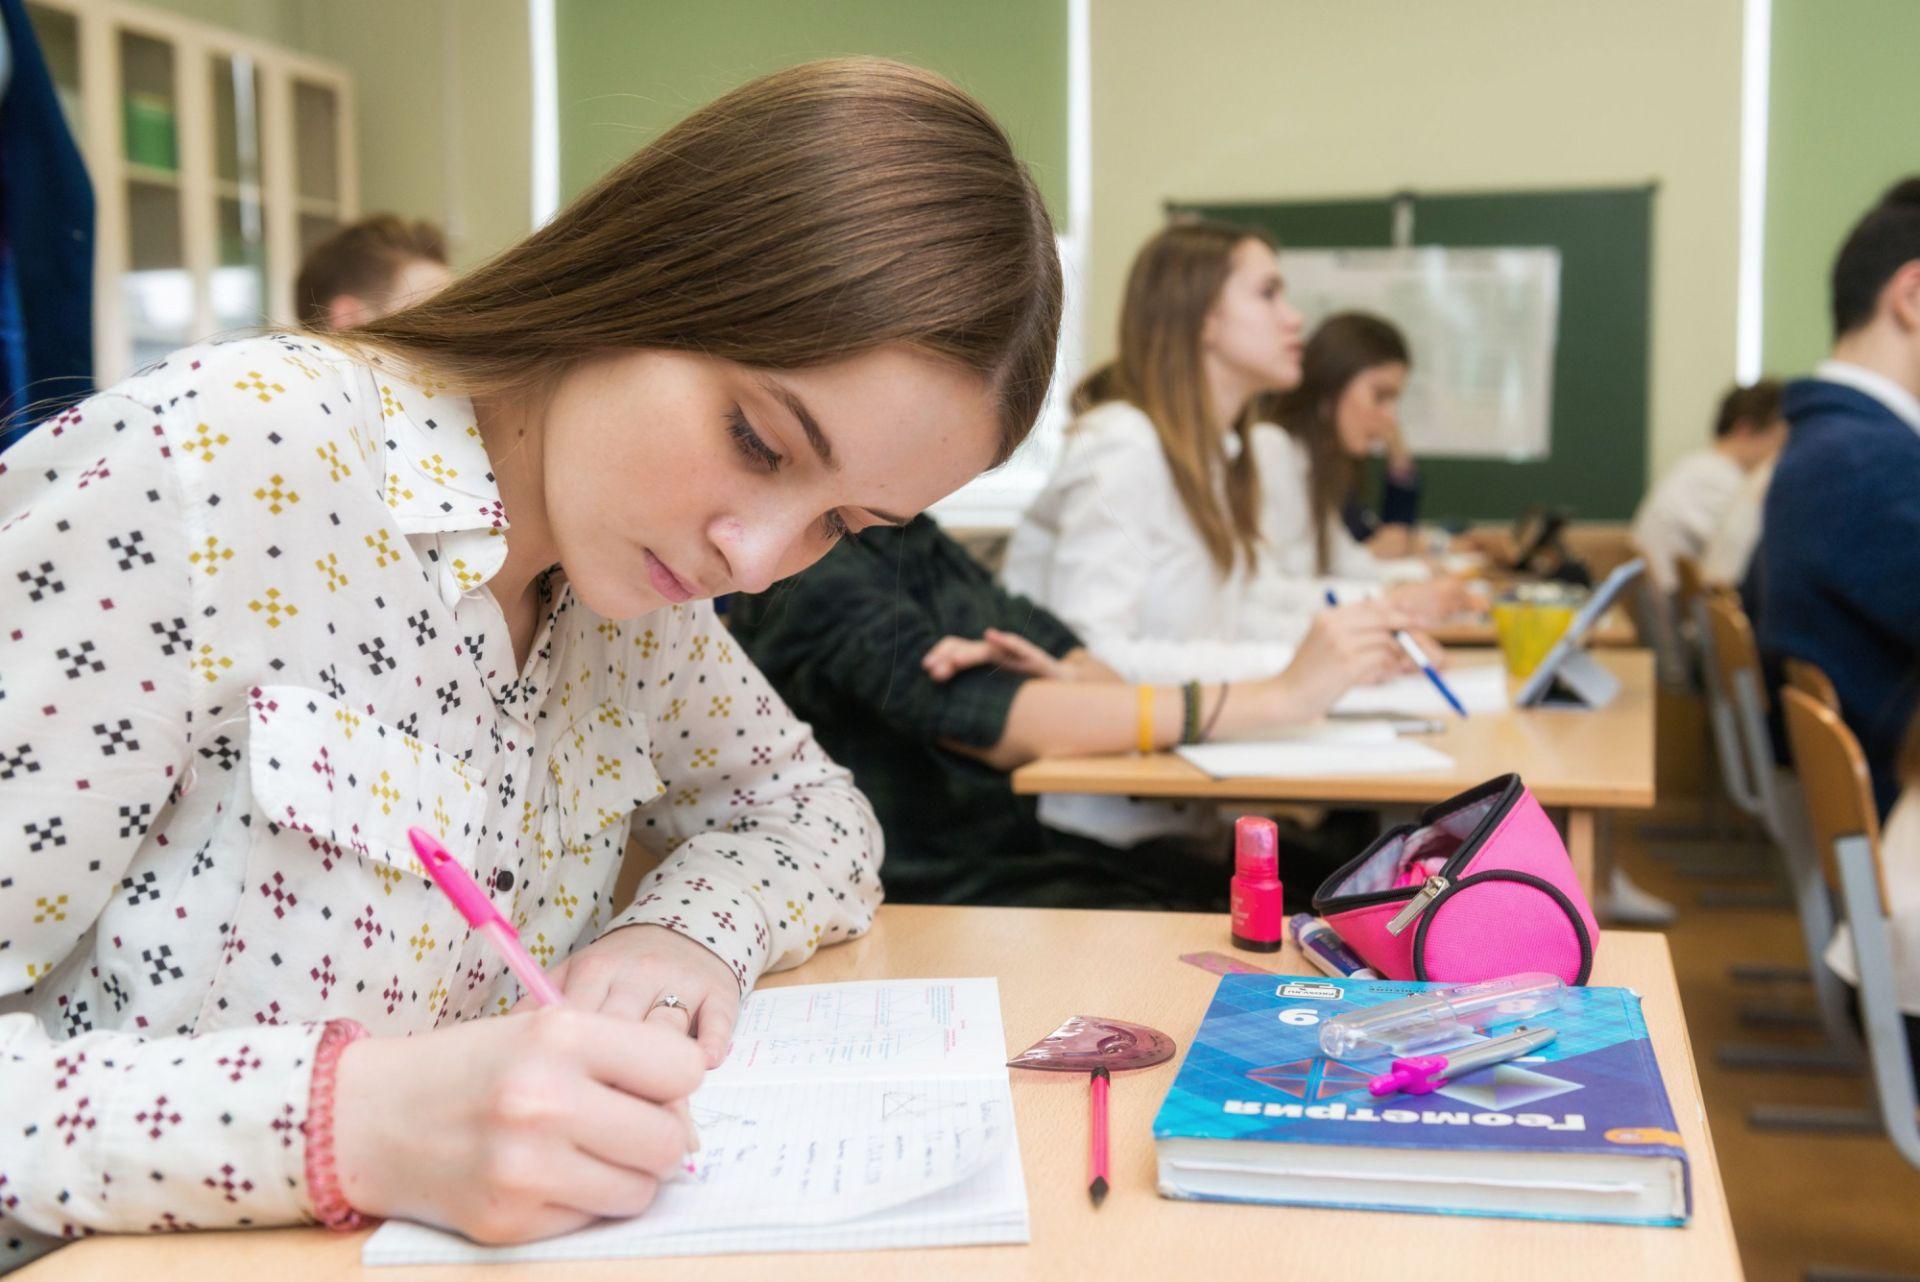 Минпросвещения опровергло информацию о переходе на шестидневное обучение в школах